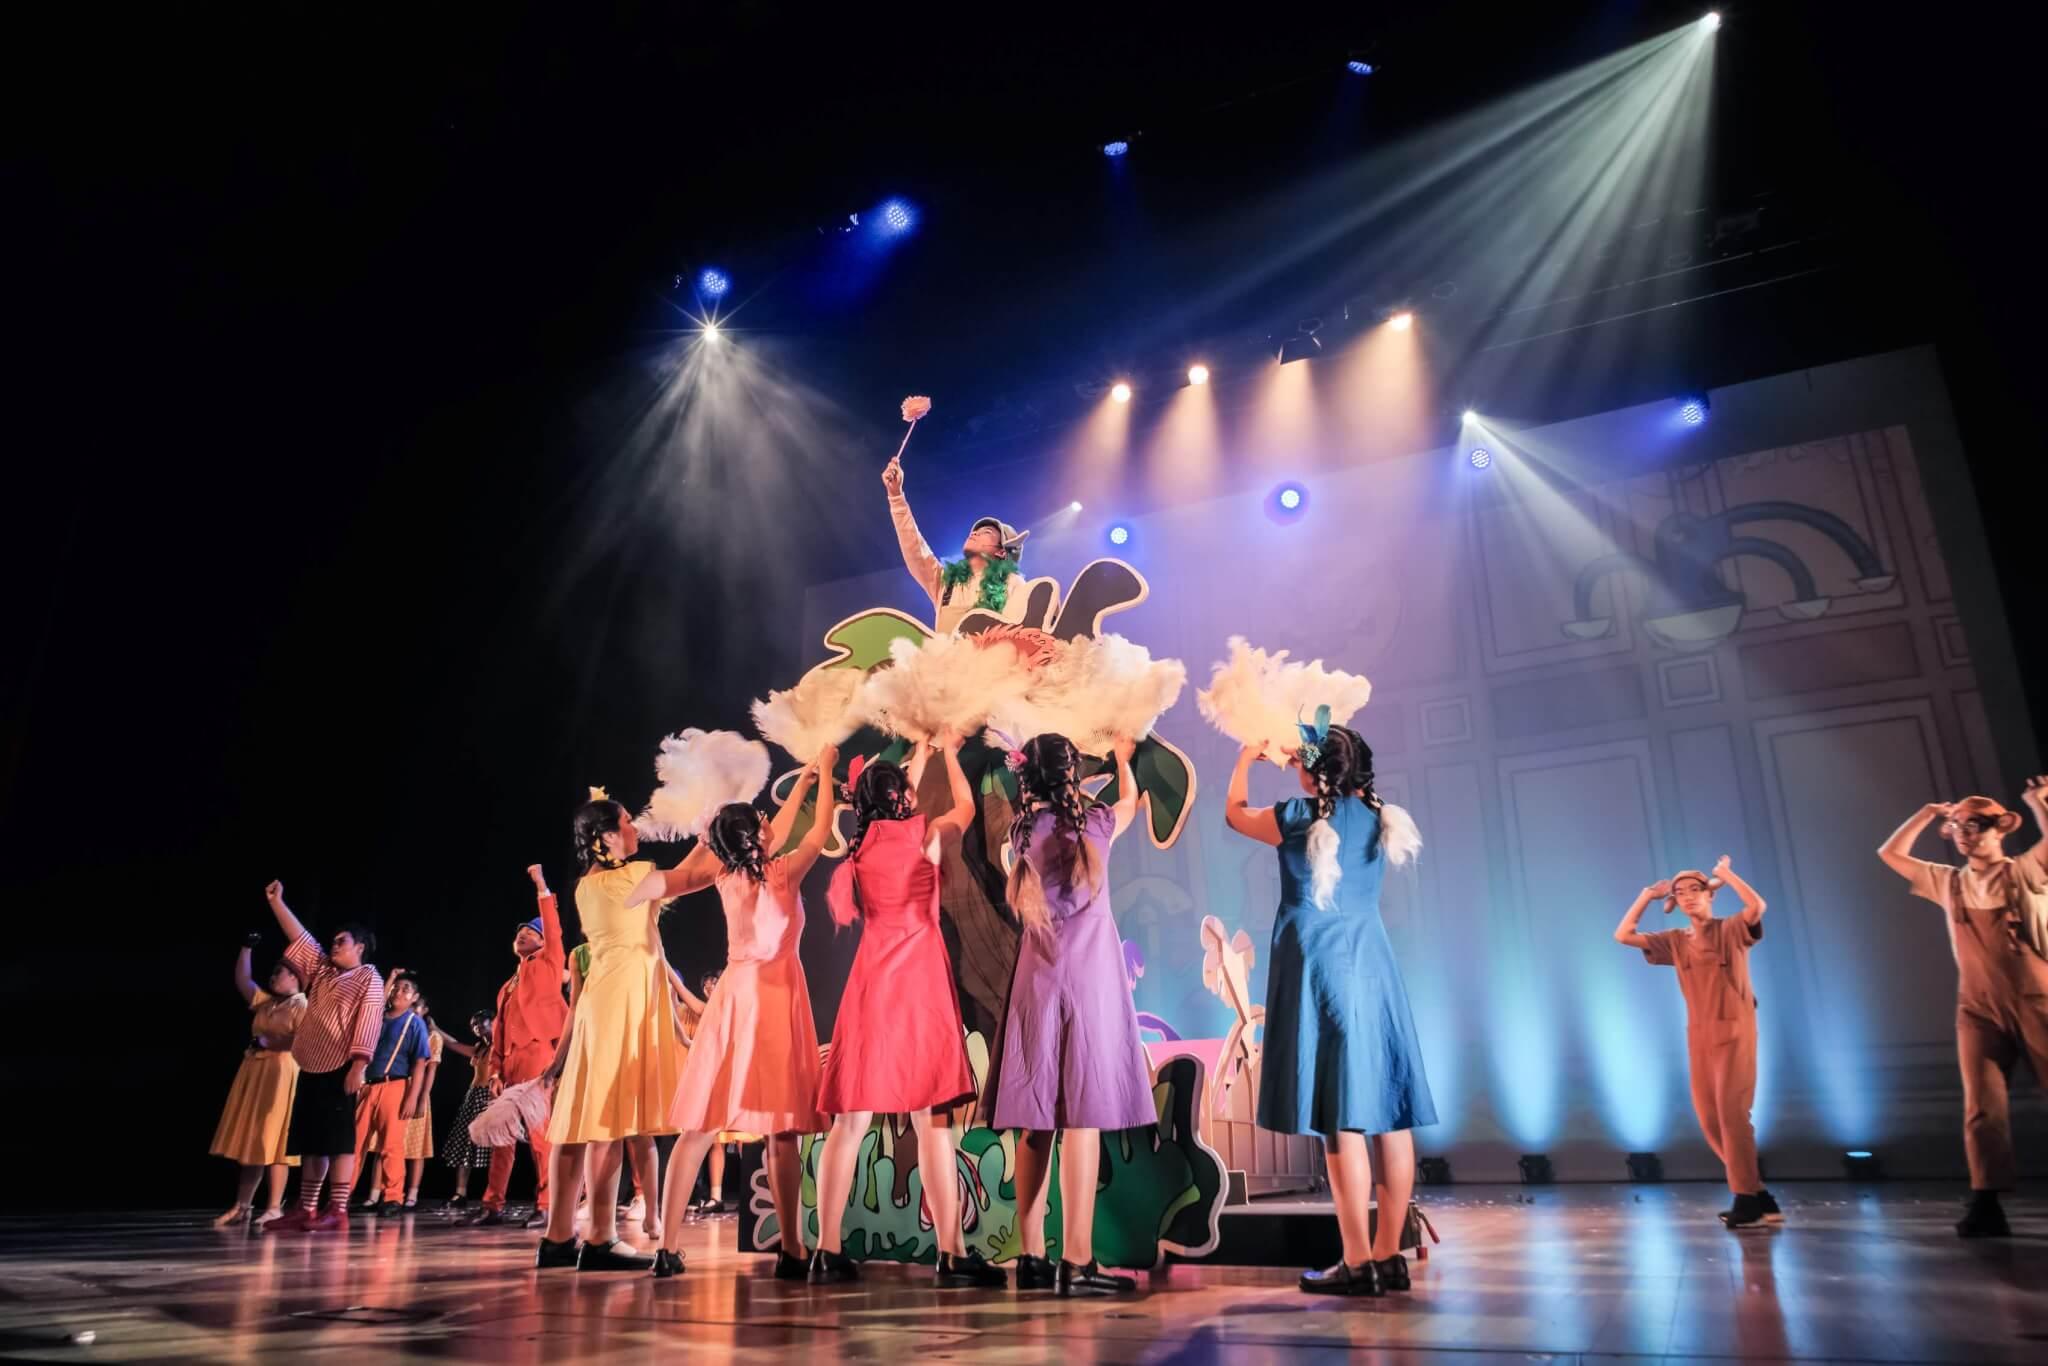 【戲劇教肓】在中學播種 帶笑的音樂劇嚴師 -藝文- 明周文化